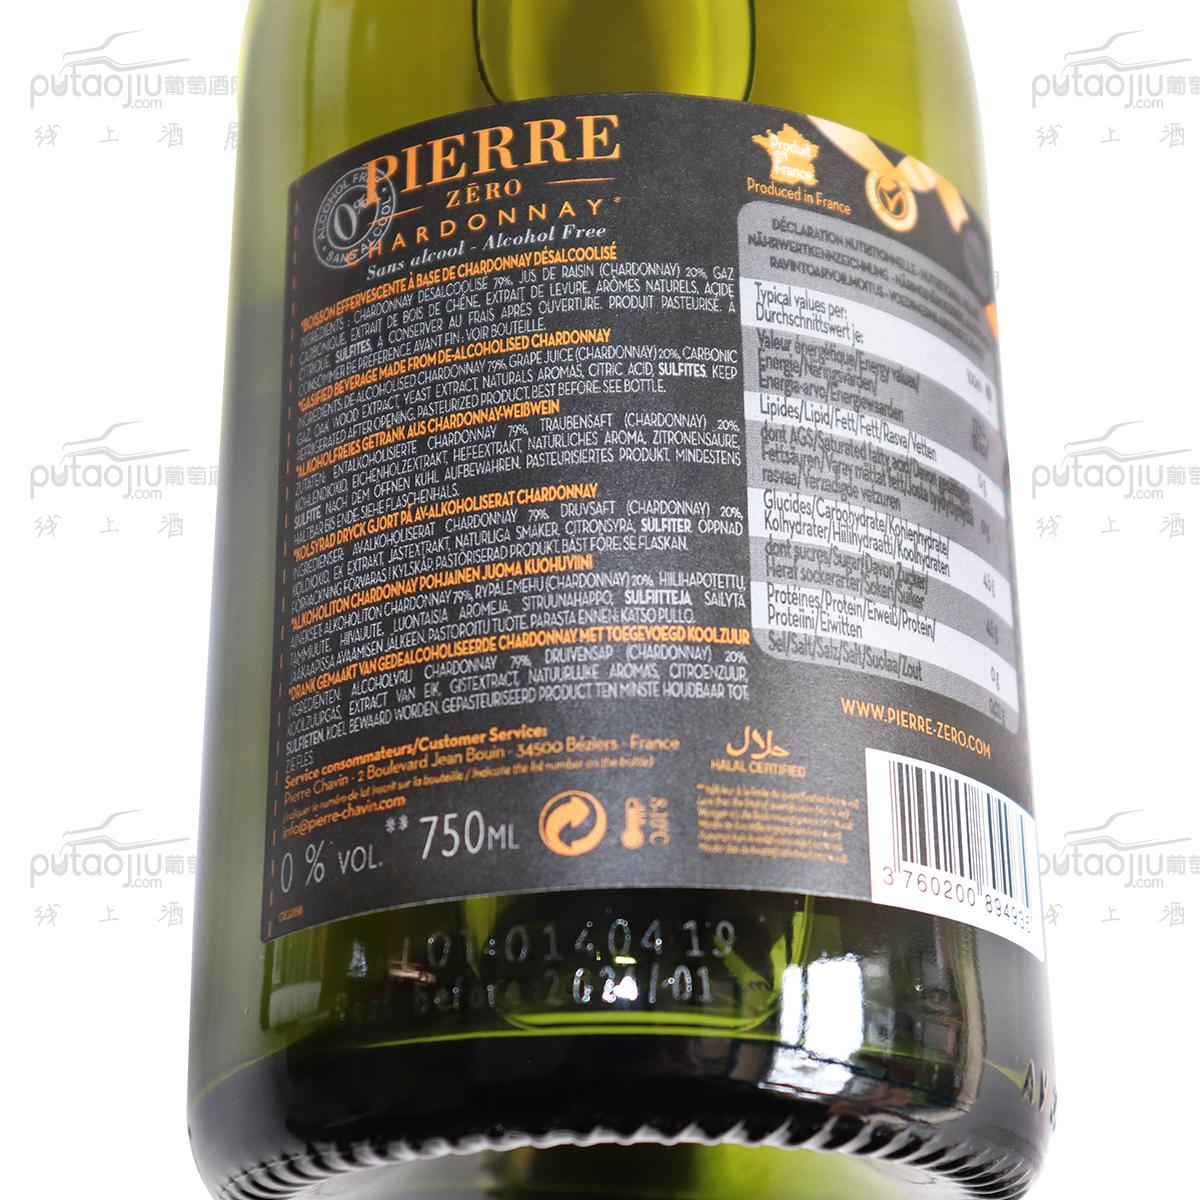 法国南部夏凡酒庄图比克霞多丽脱醇起泡酒